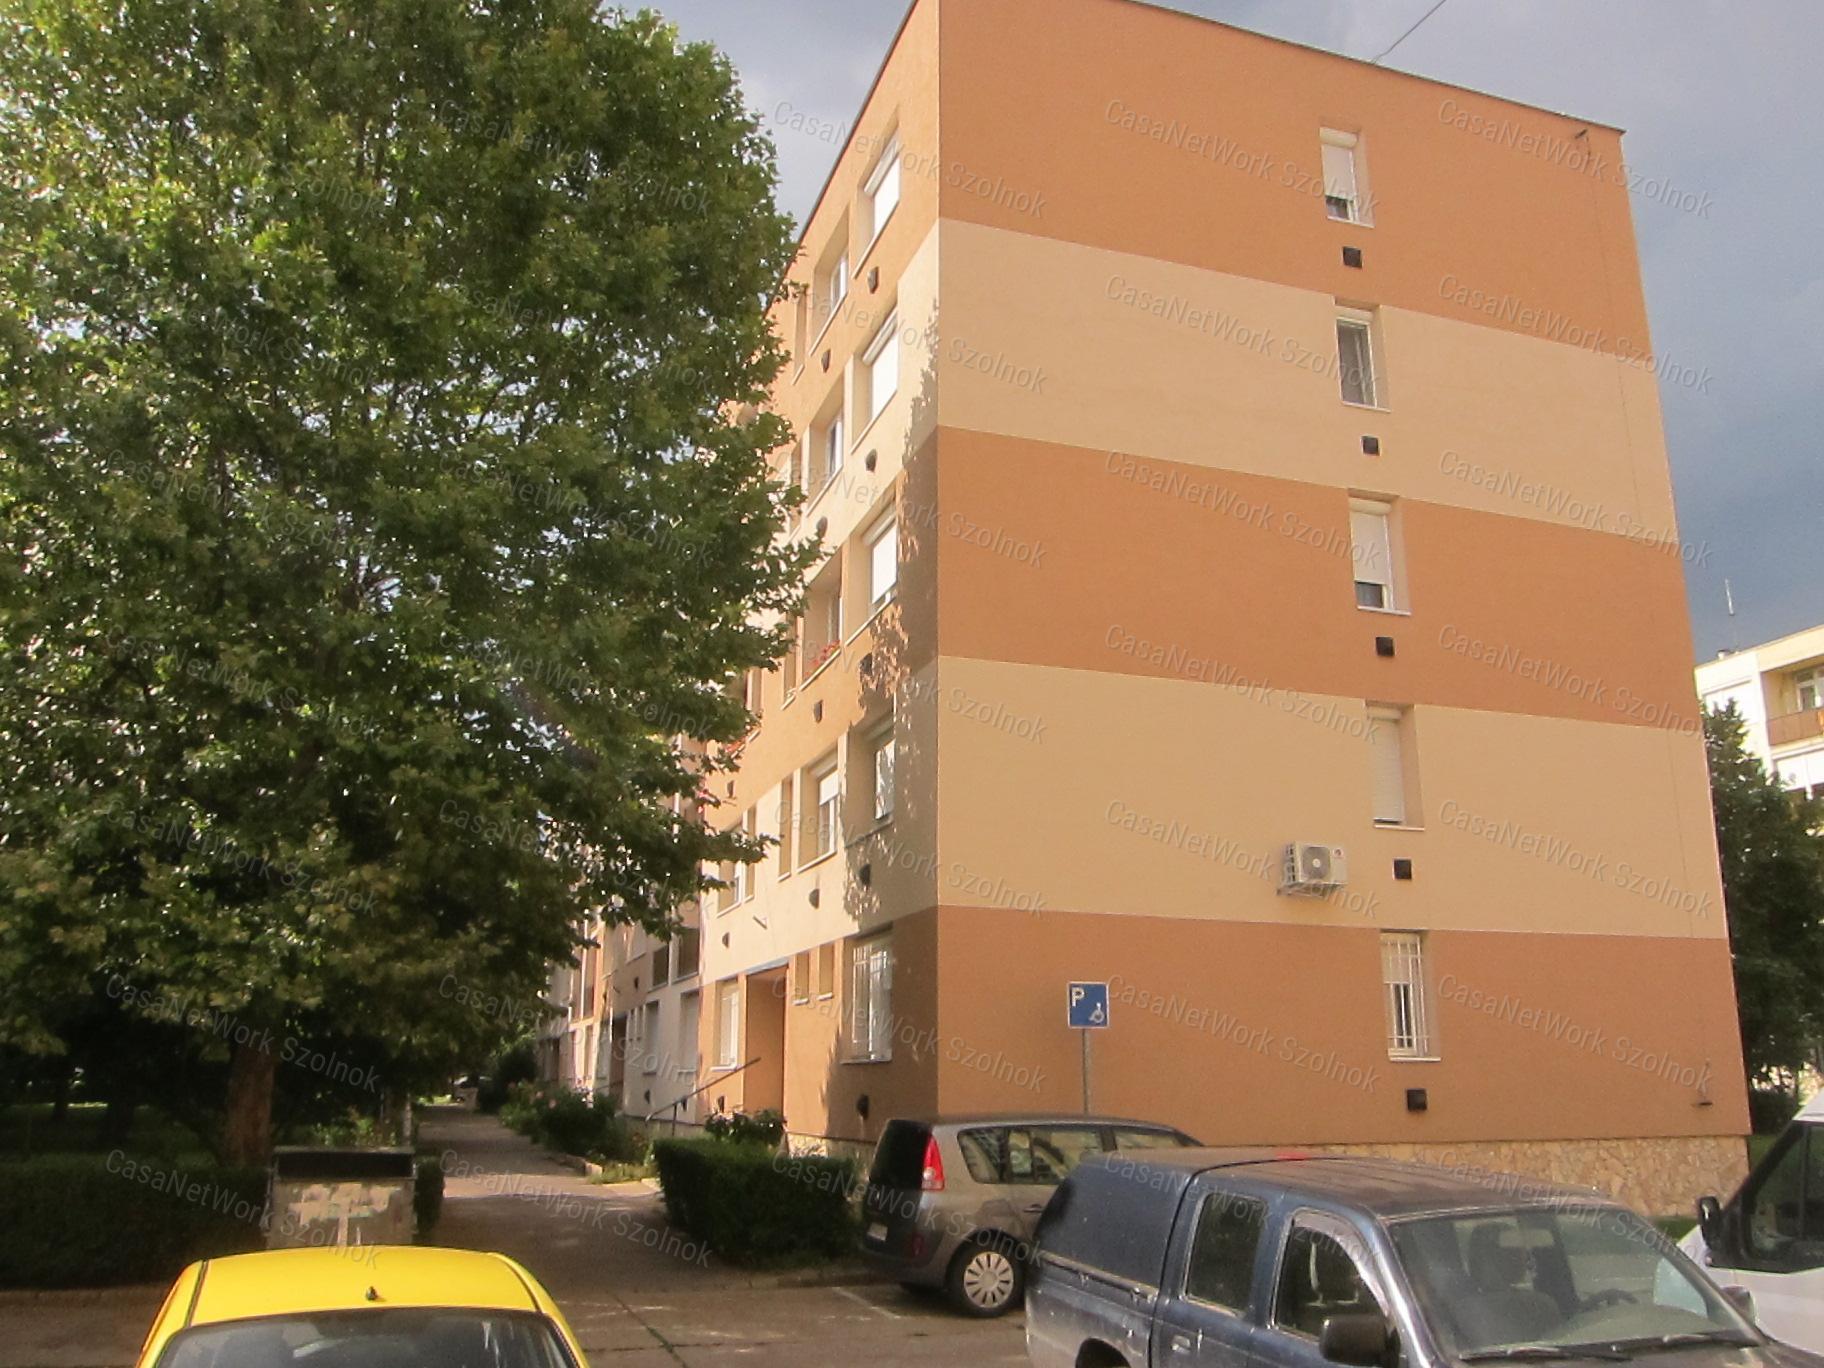 Eladó téglalakás, Jász-Nagykun-Szolnok megye, Szolnok (Vasútállomás környéke) - sz.: 155802991 - CasaNetWork.hu